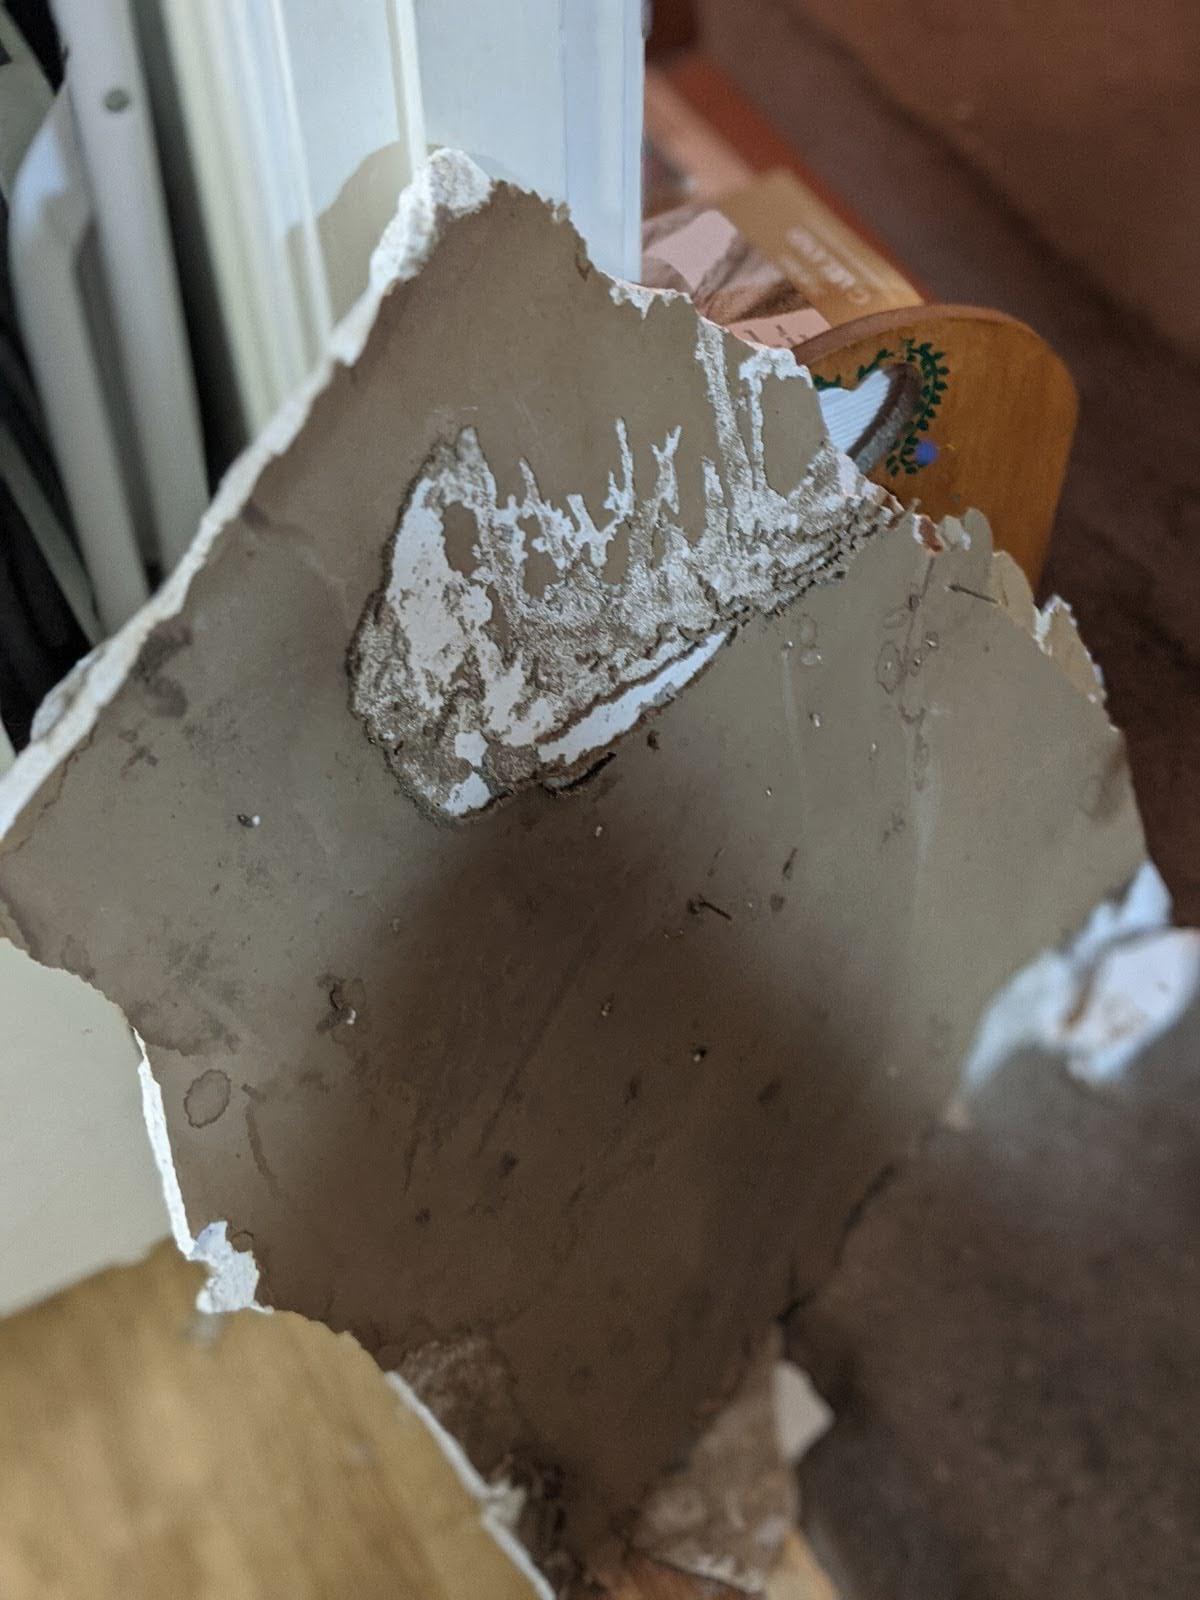 Fallen sheetrock size